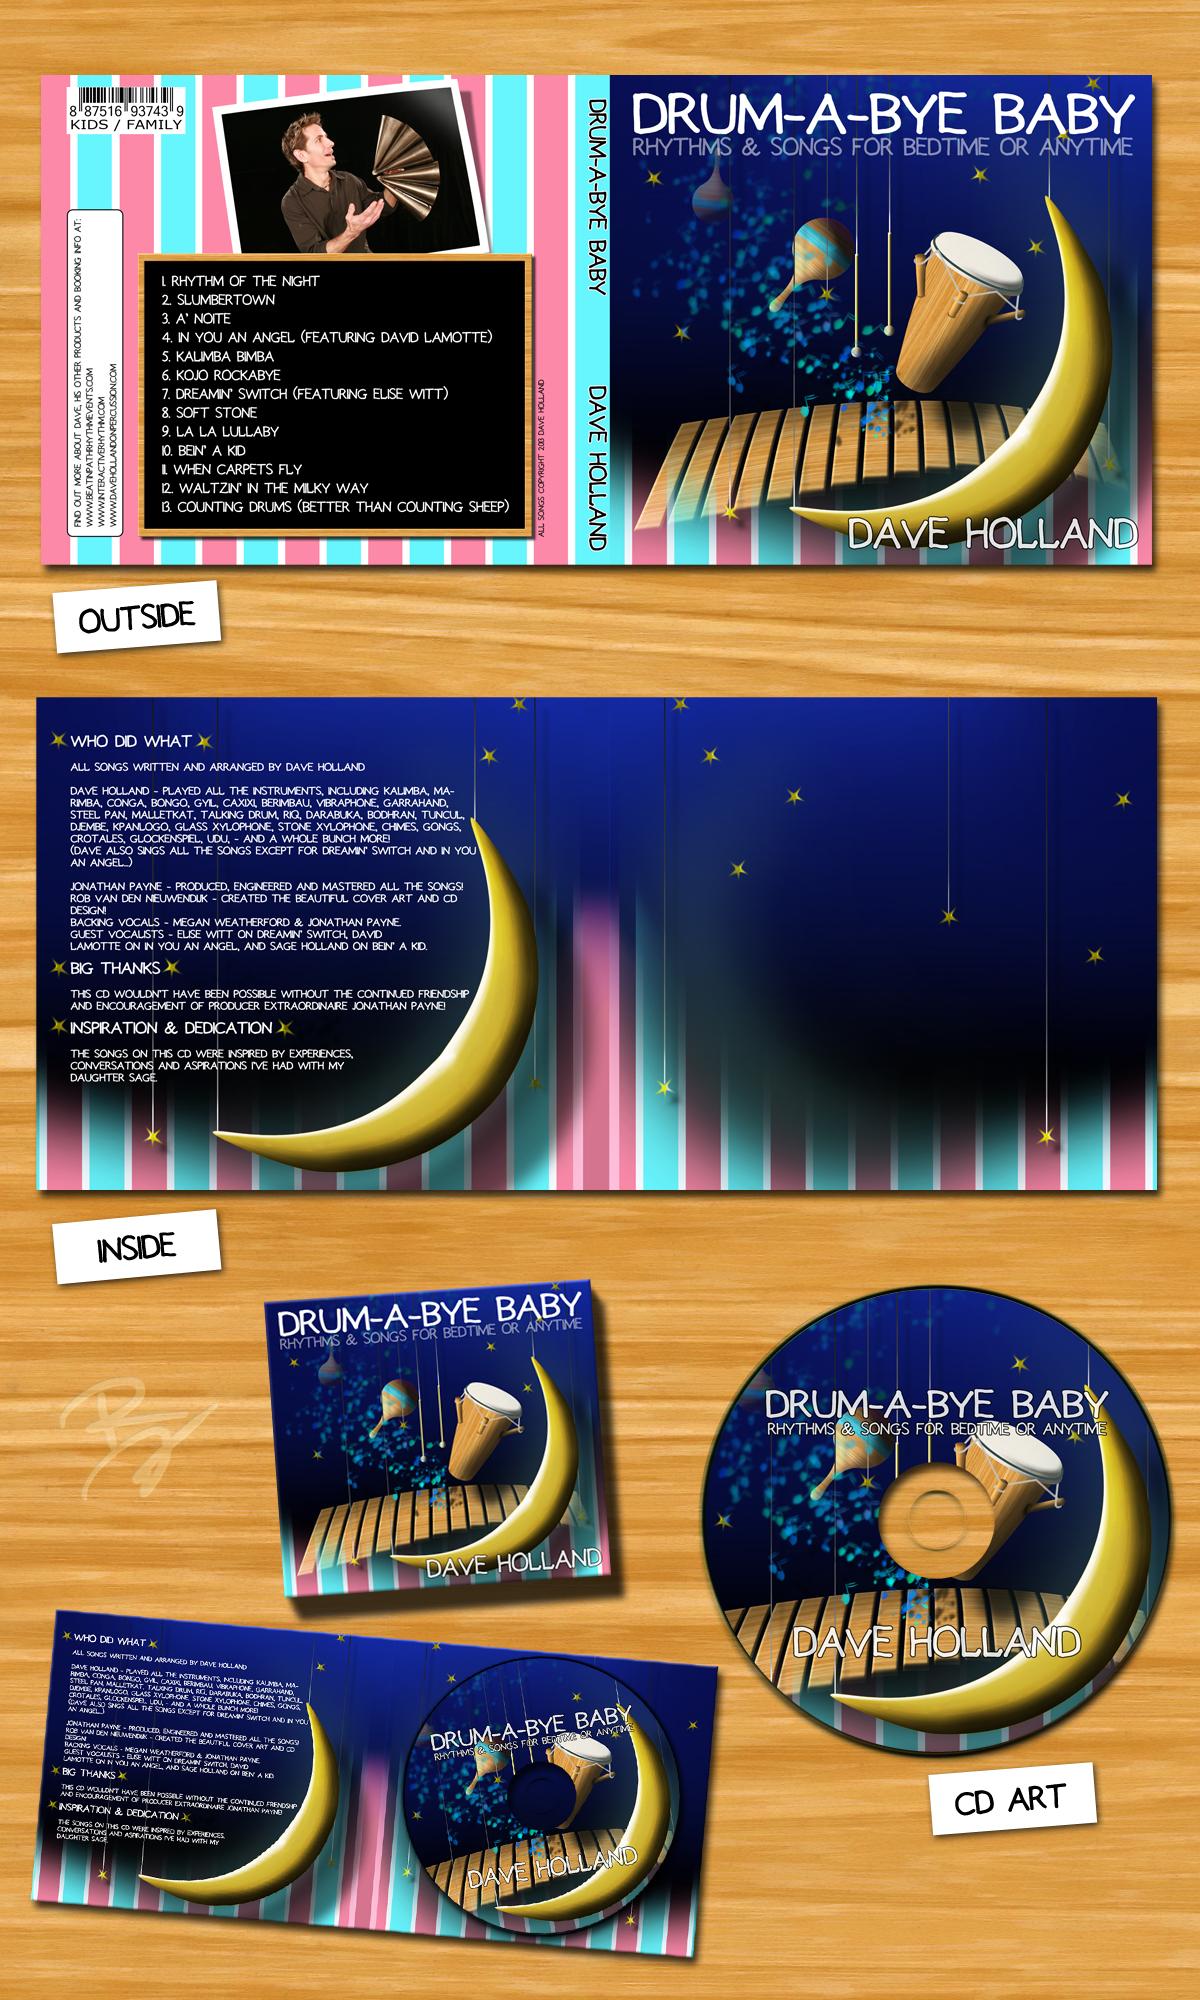 CD casing Drum